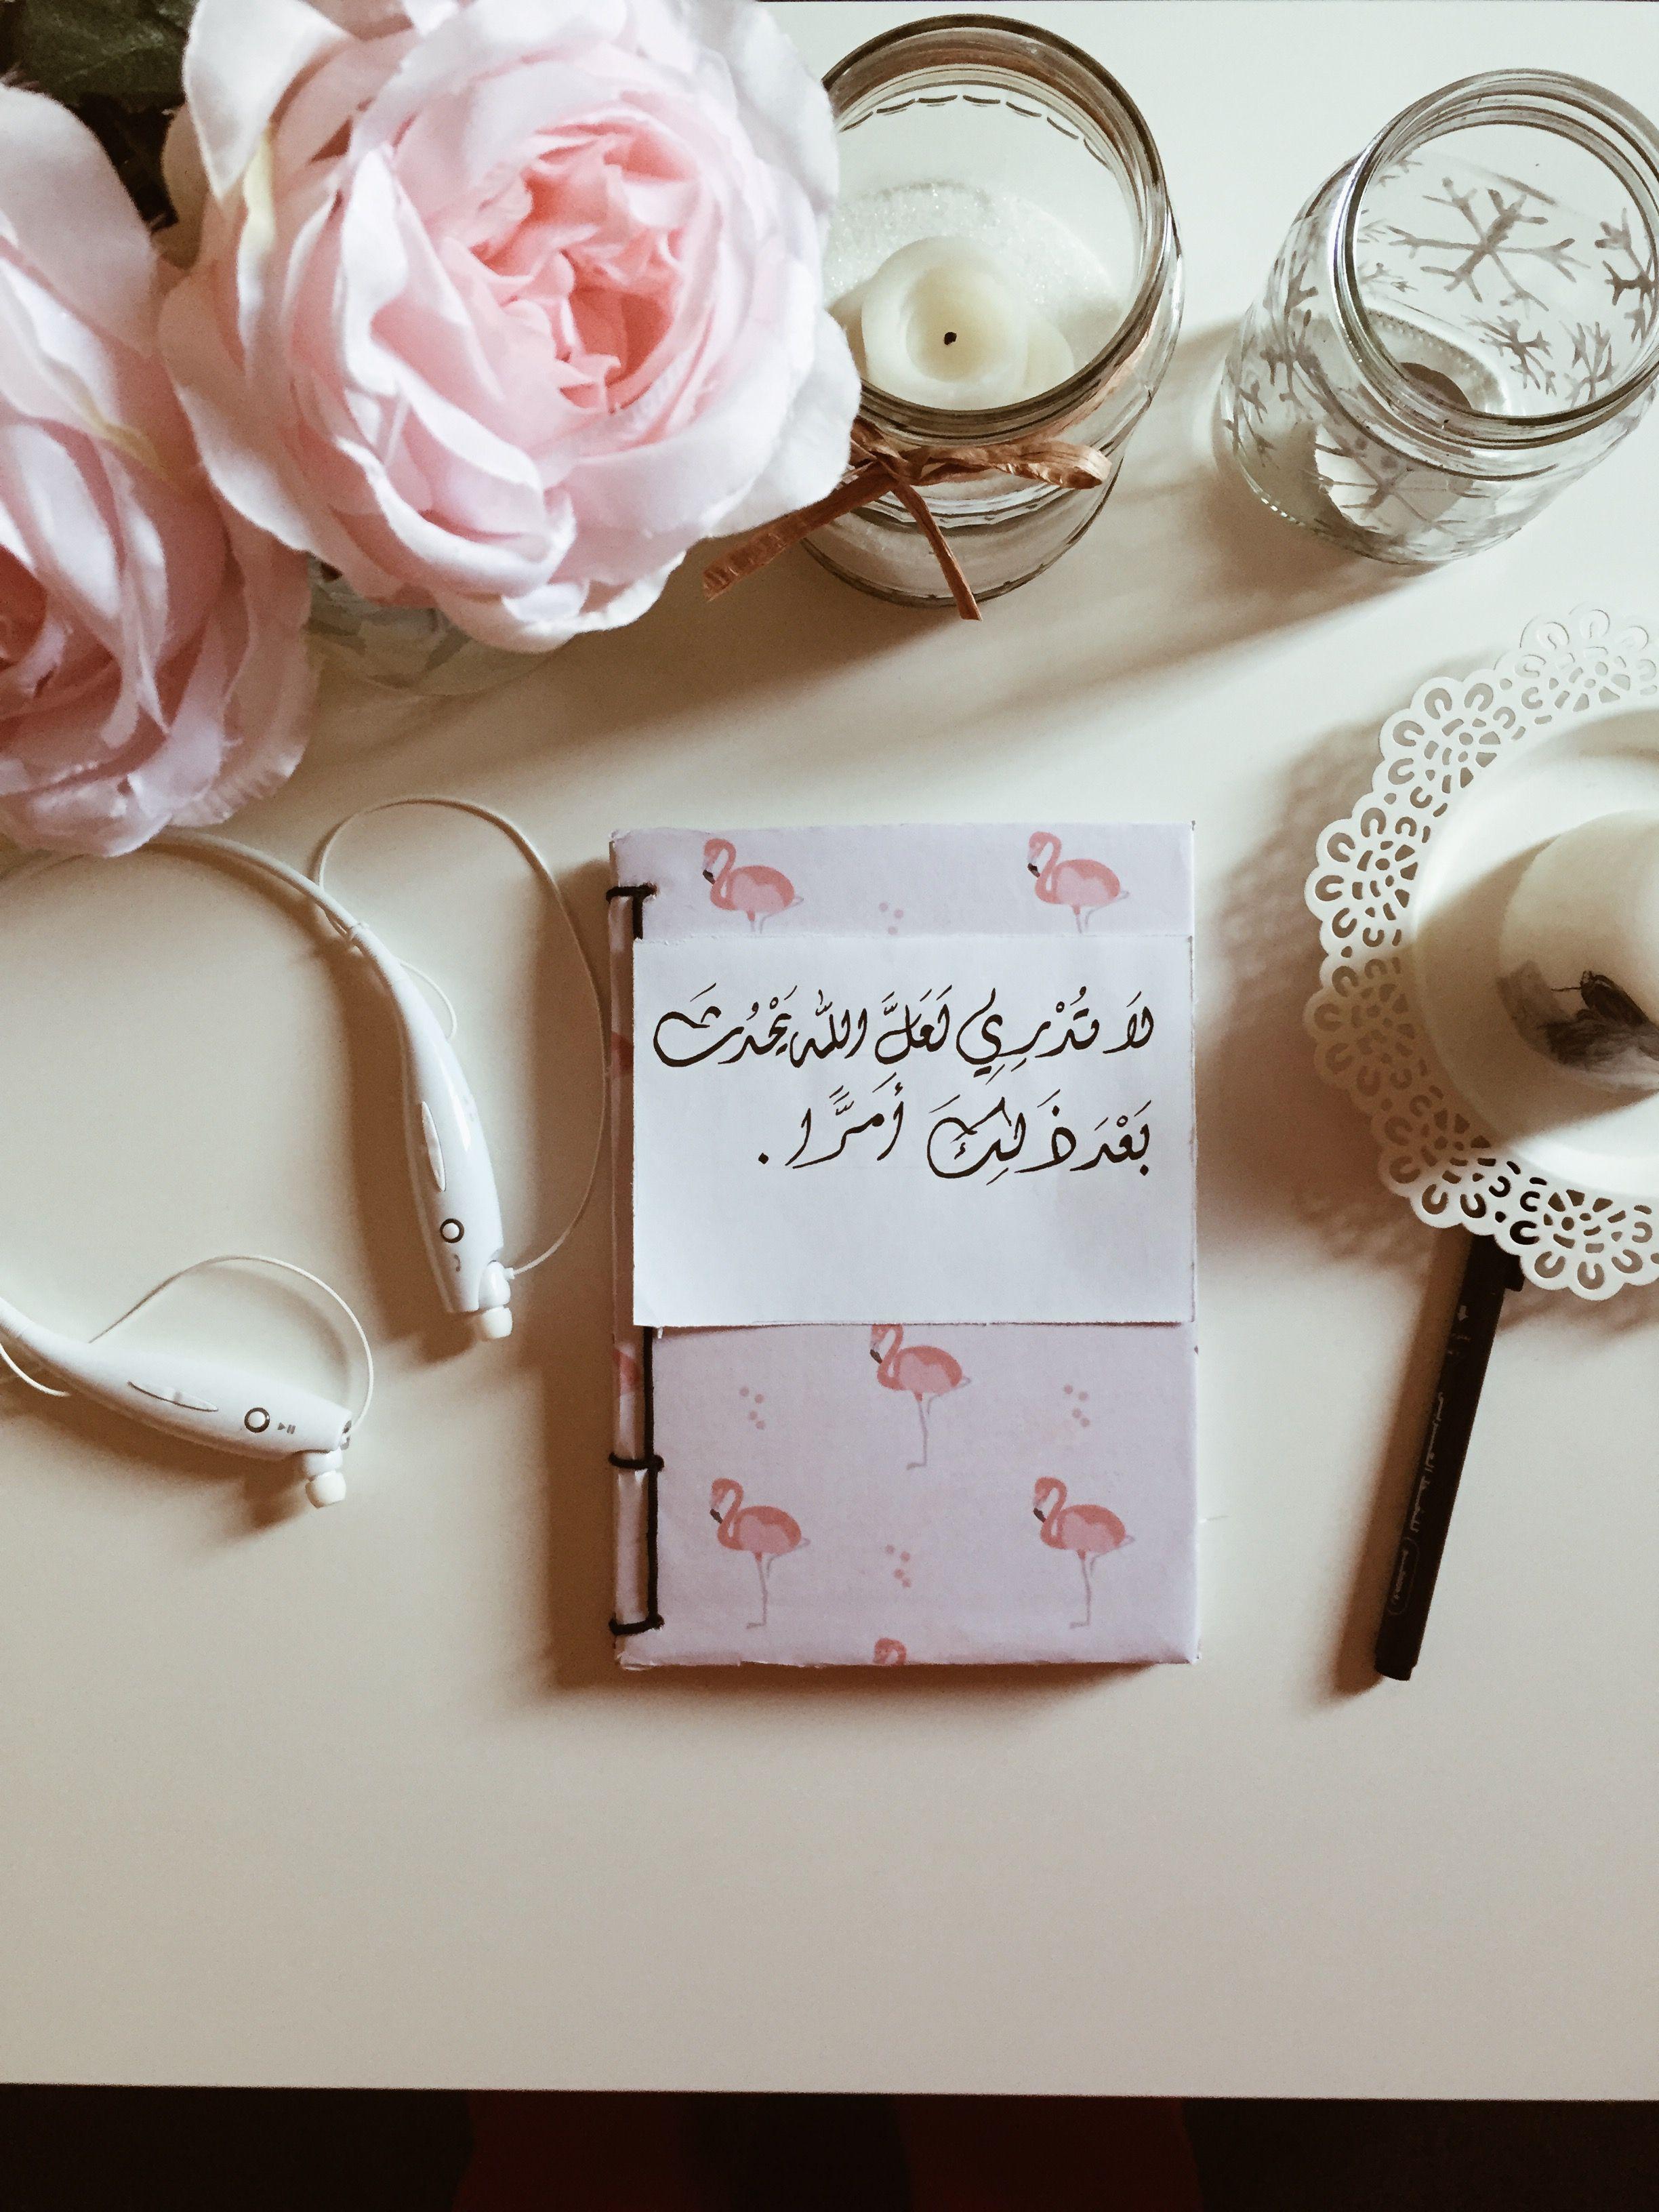 اقتباس اقتباسات كلمات عربي خط الخط تمبلر صور تصوير عبارات Decor Home Decor Frame